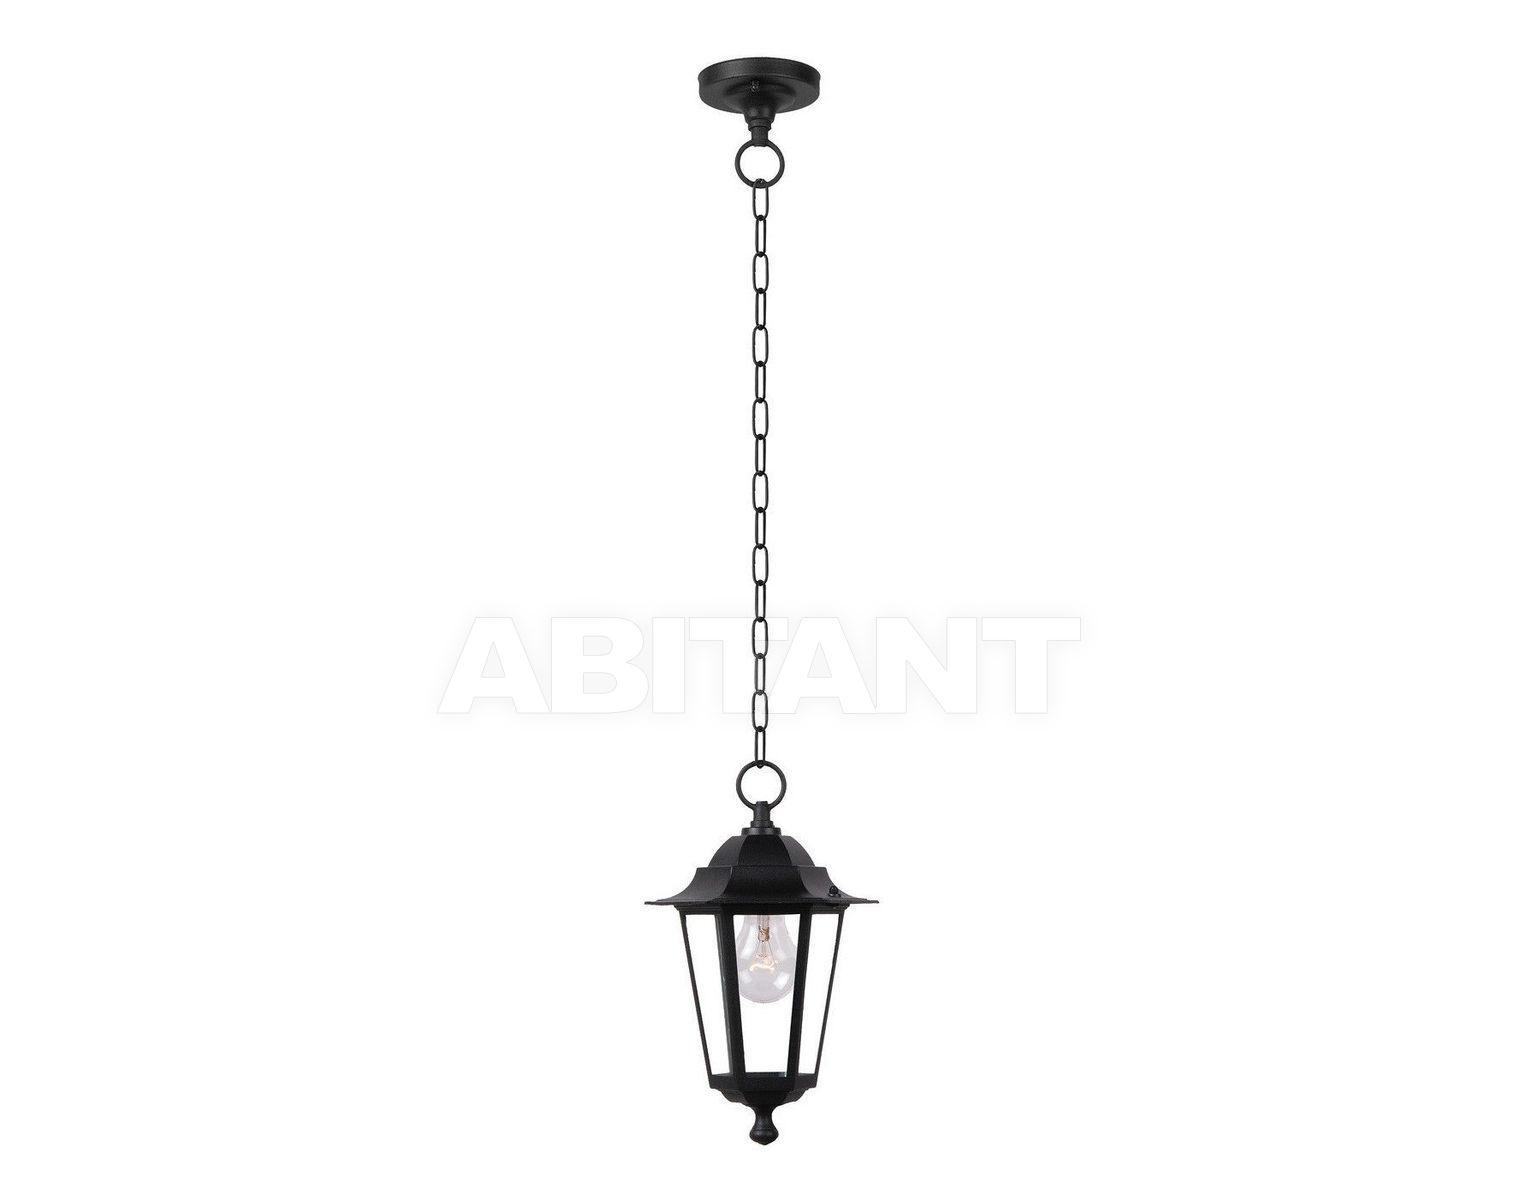 Купить Подвесной фонарь Lucide  Outdoor 2013 27808/01/30